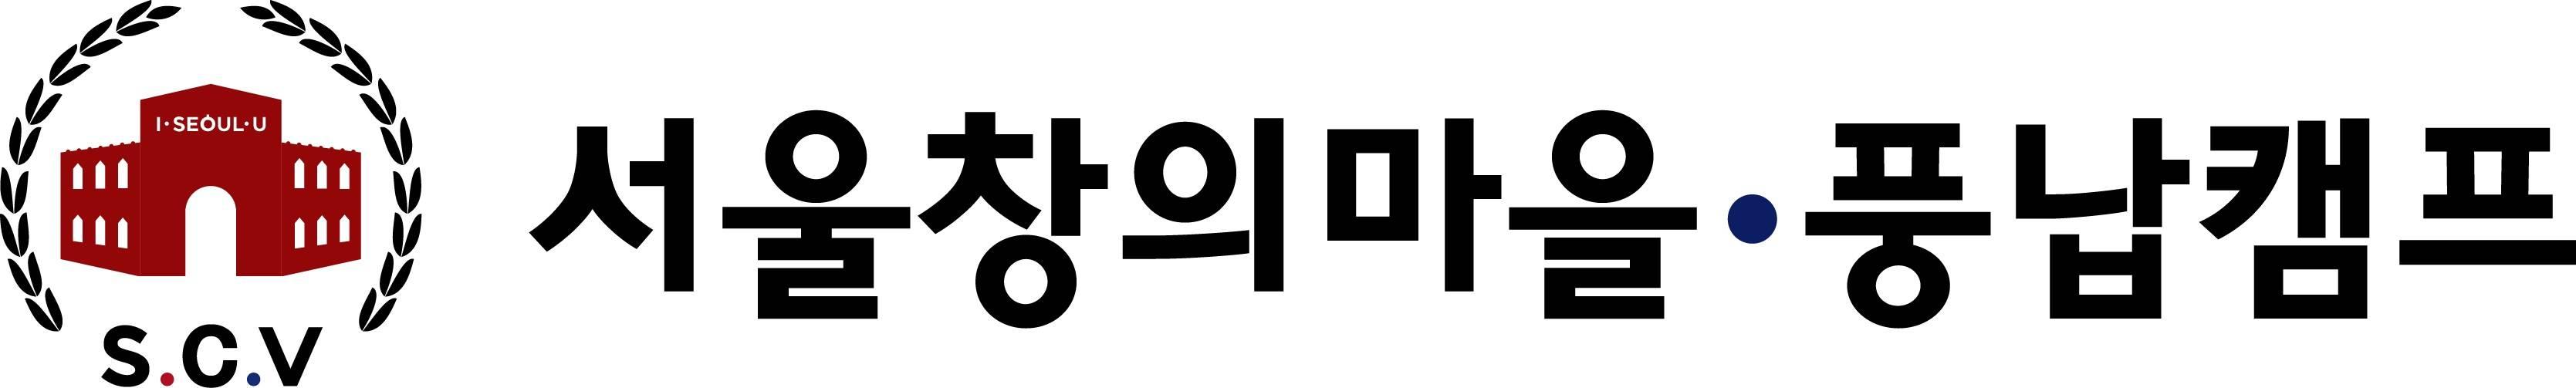 서울융합교육체험캠프